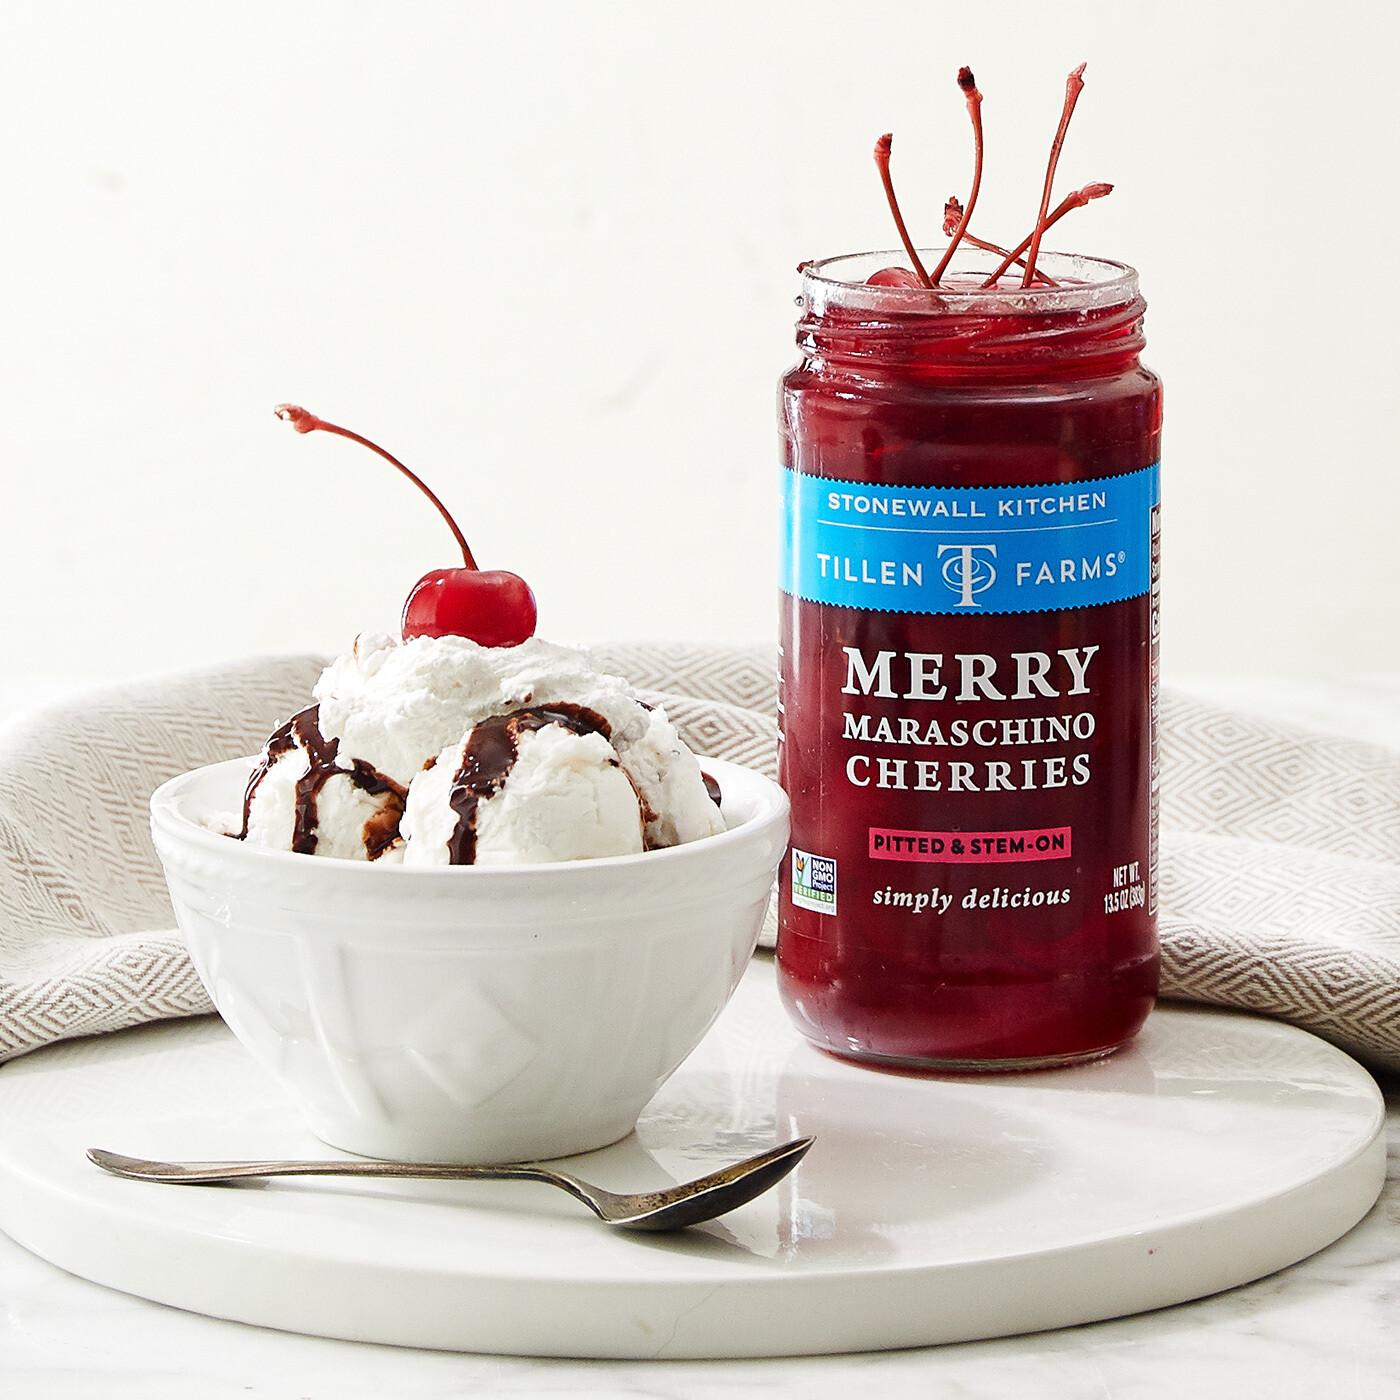 Merry Maraschino Cherries